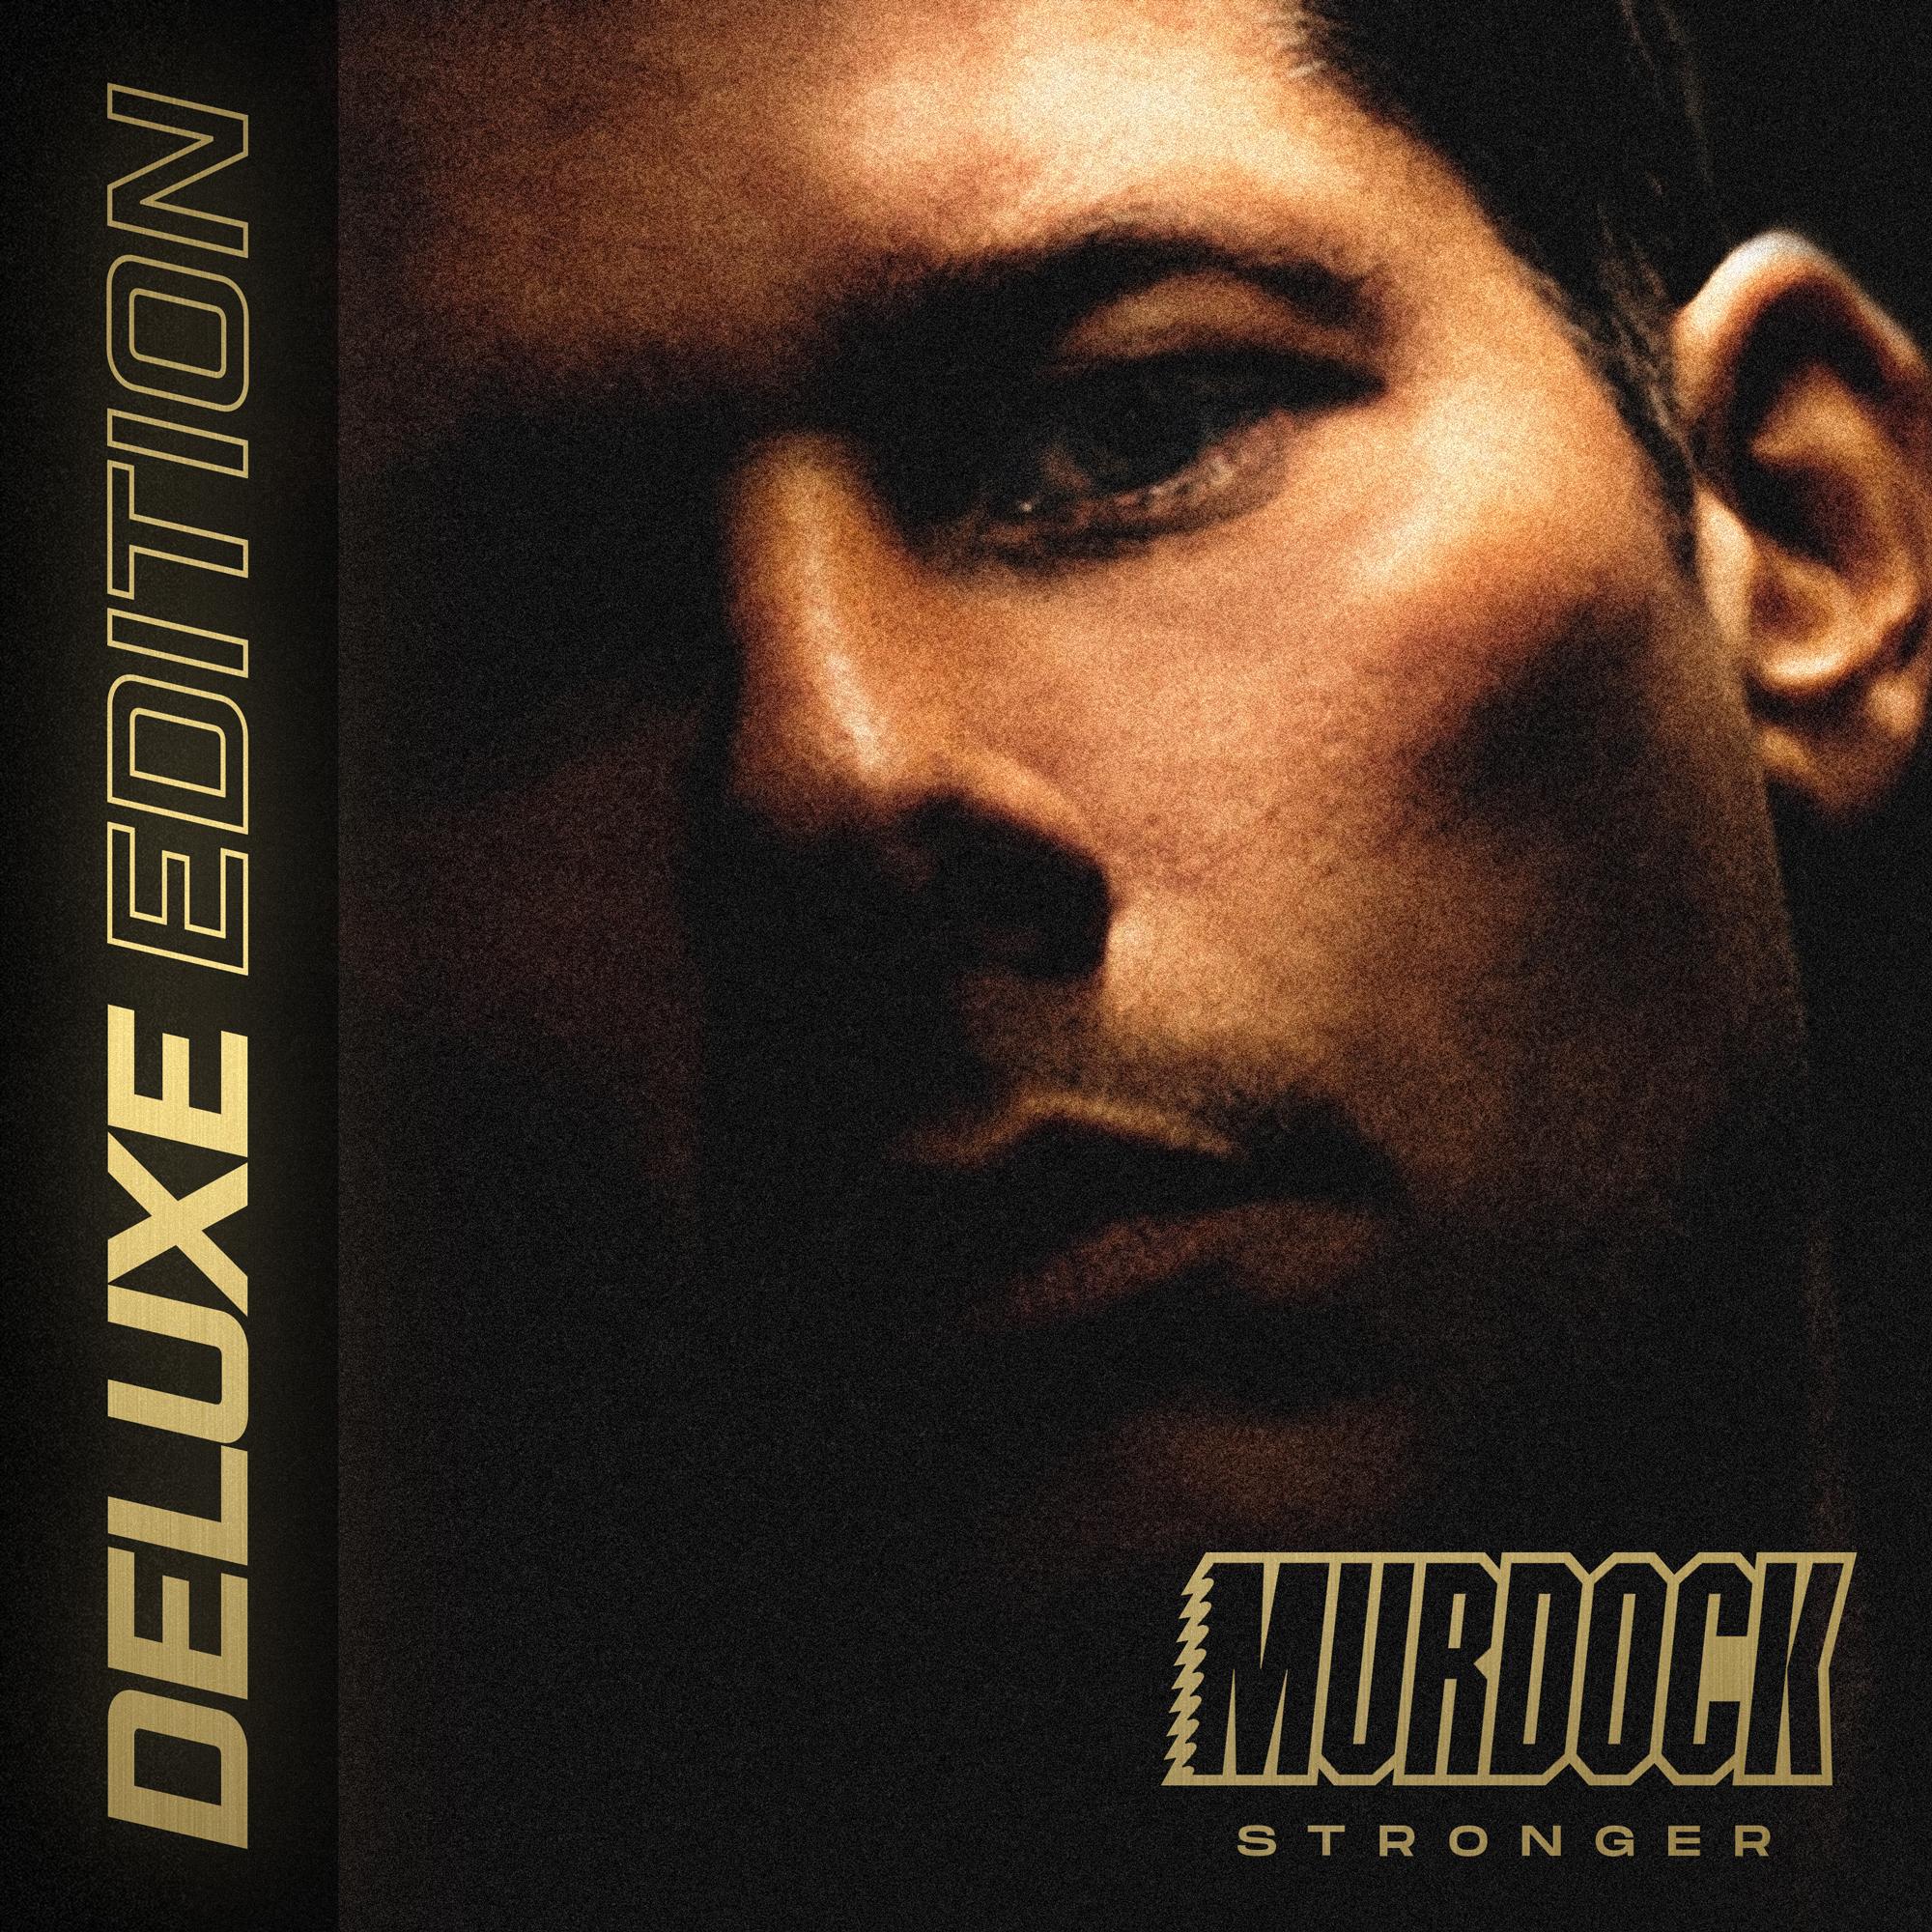 Murdock - Stronger Deluxe Image